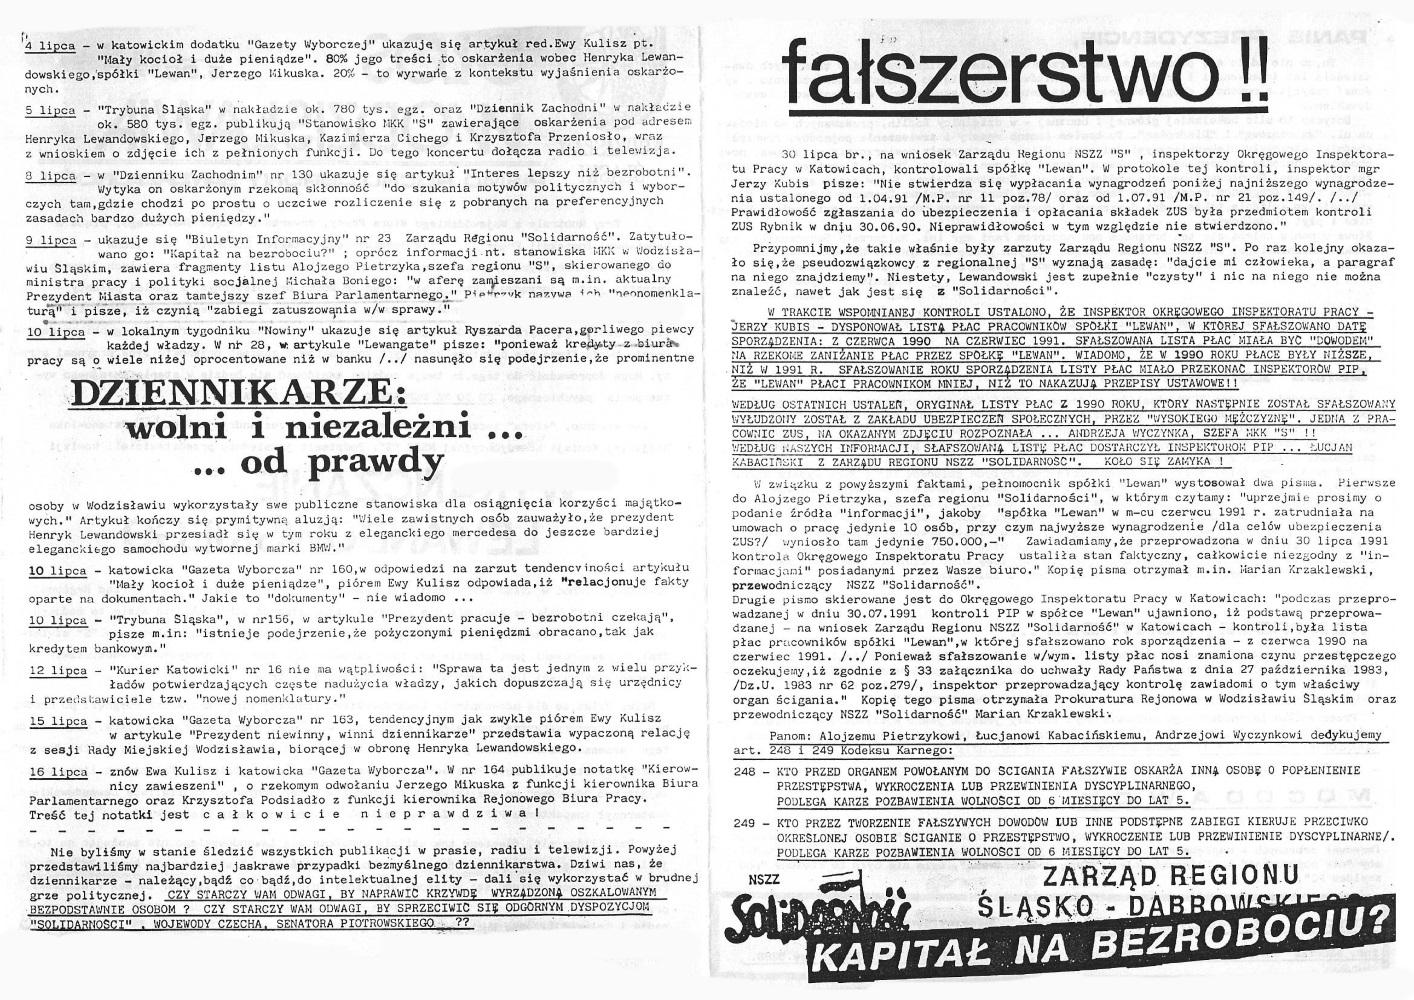 1991-07-30_Glos_Wodzislawia_4 Głos Wodzisławia